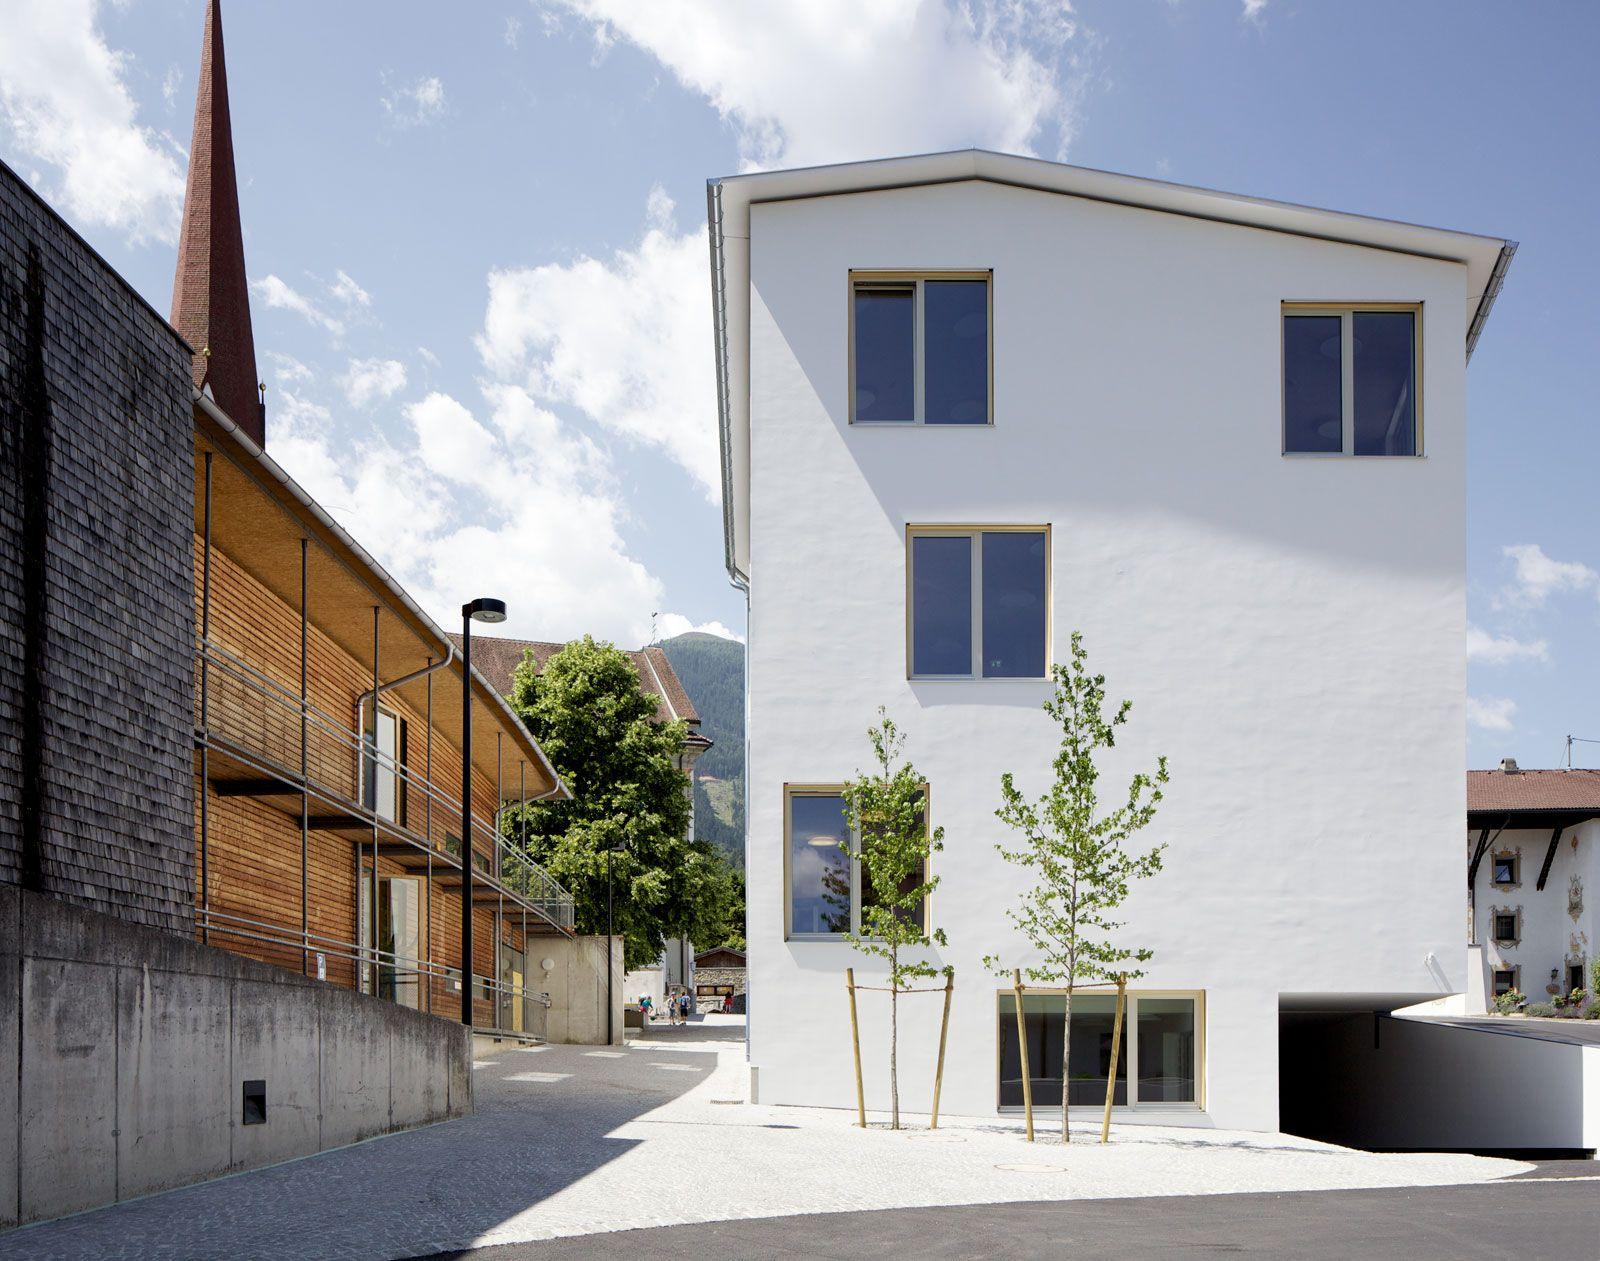 Suche Architekten haus für kinder inzing suche jakob haus für